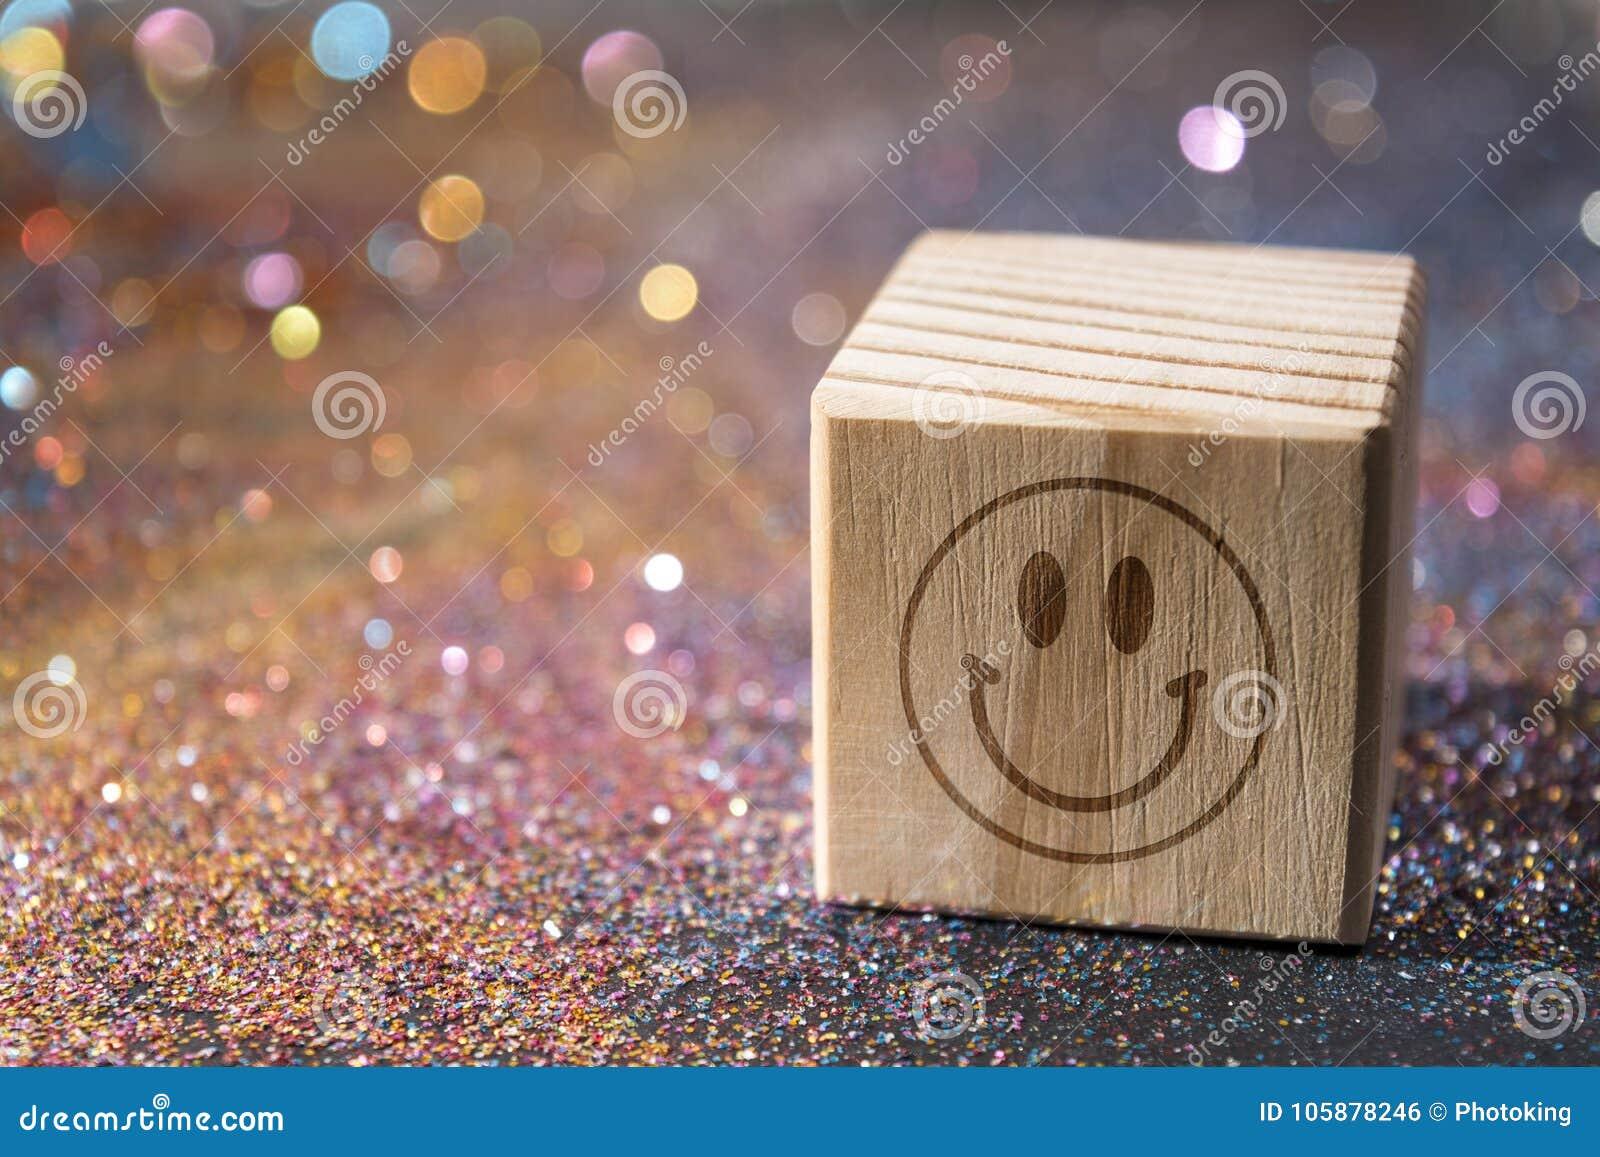 Πρόσωπο Smiley στον κύβο